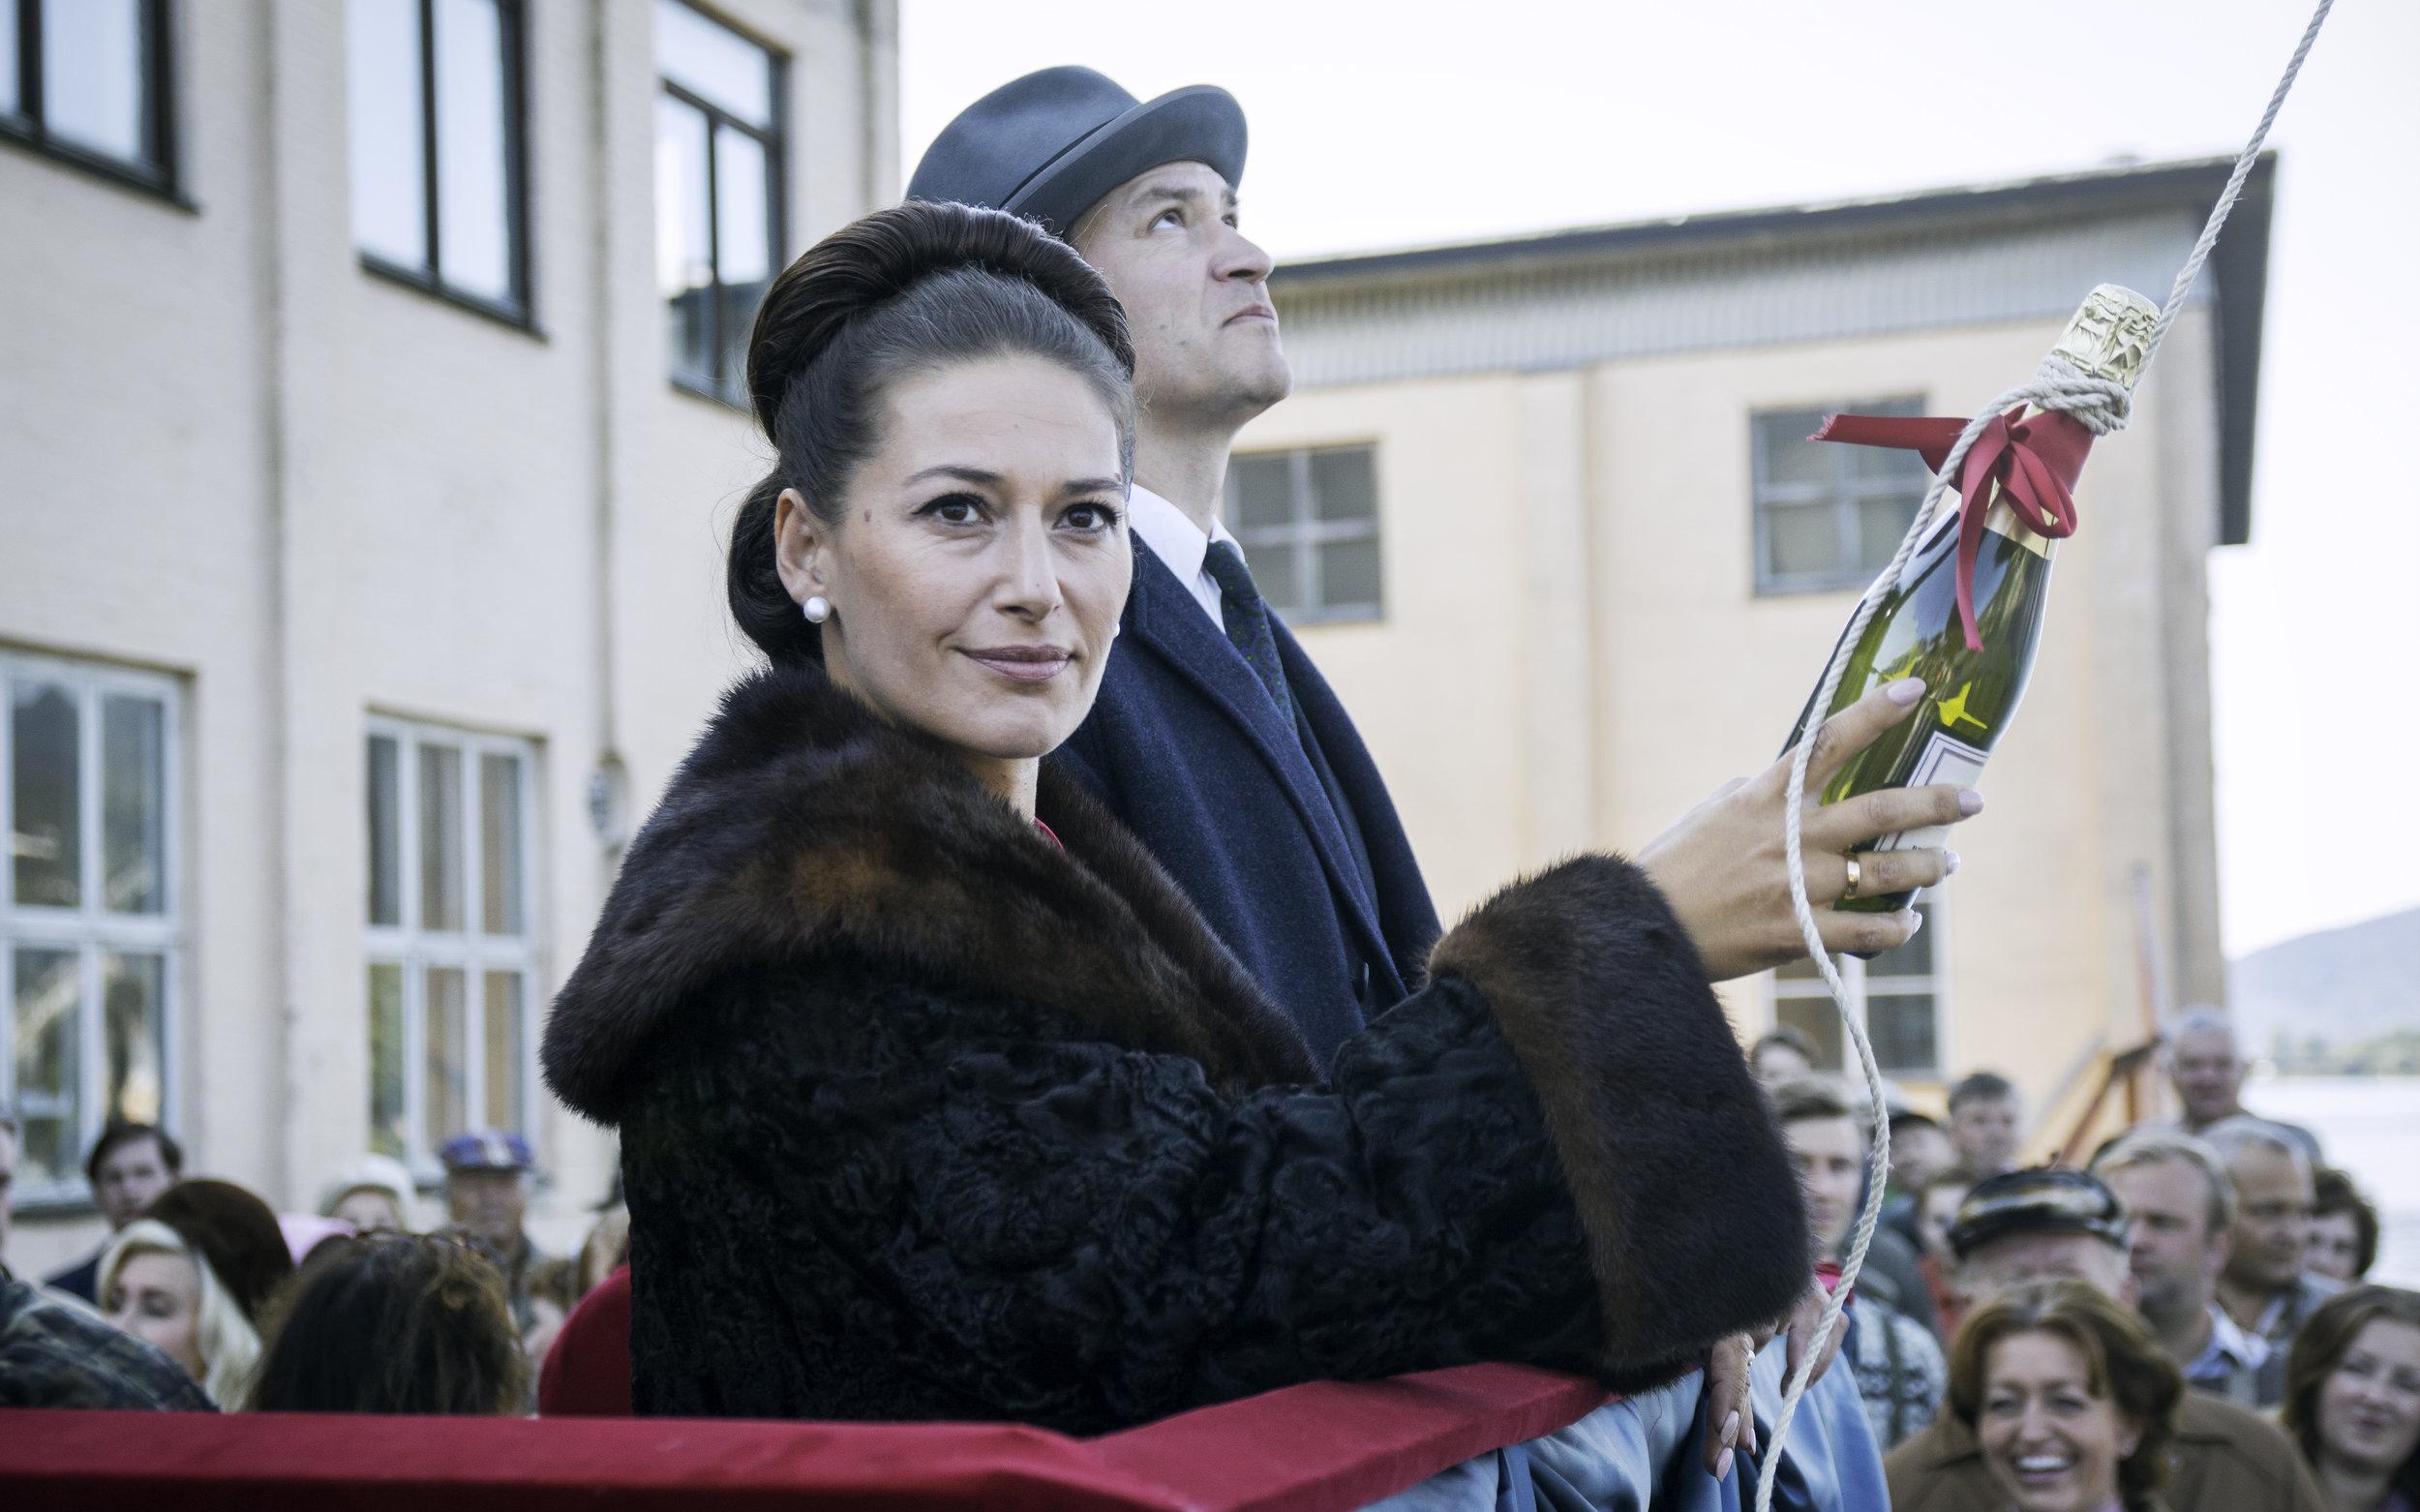 Rederparet Fredrik og Ingrid Nyman (Per Kjerstad og Pia Tjelta) må tenke helt nytt for å unngå konkurs. (Foto: NRK)